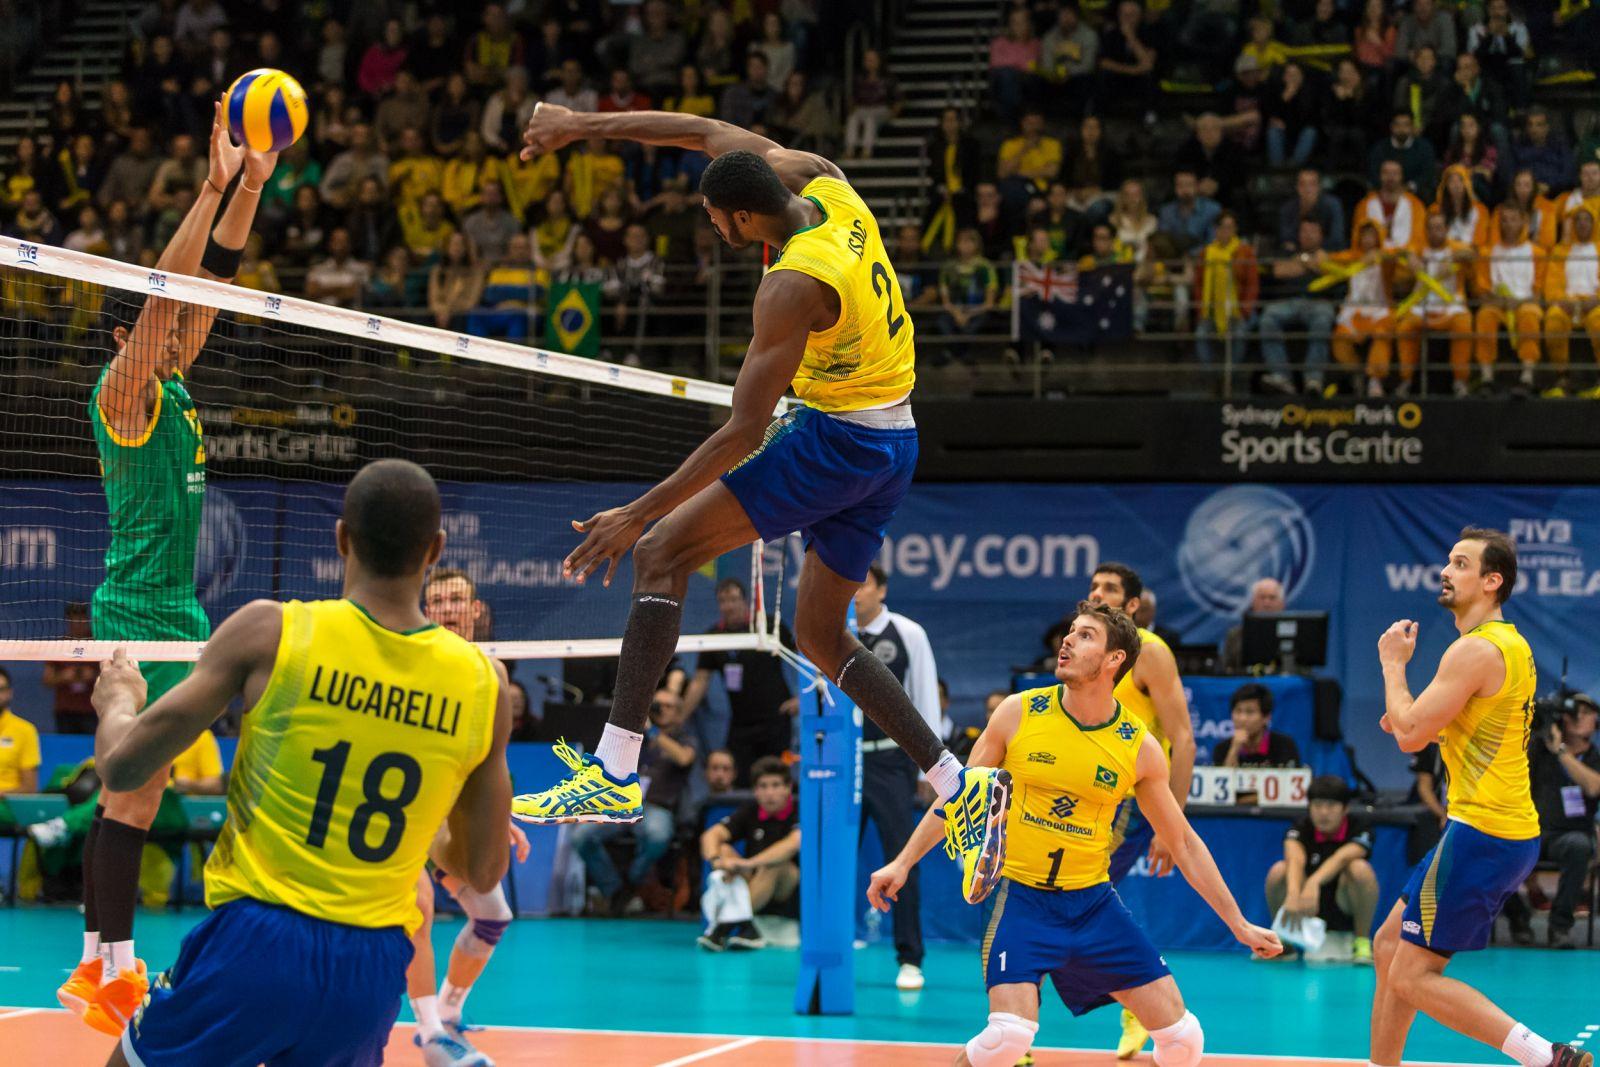 Brasil e bulgaria volei masculino